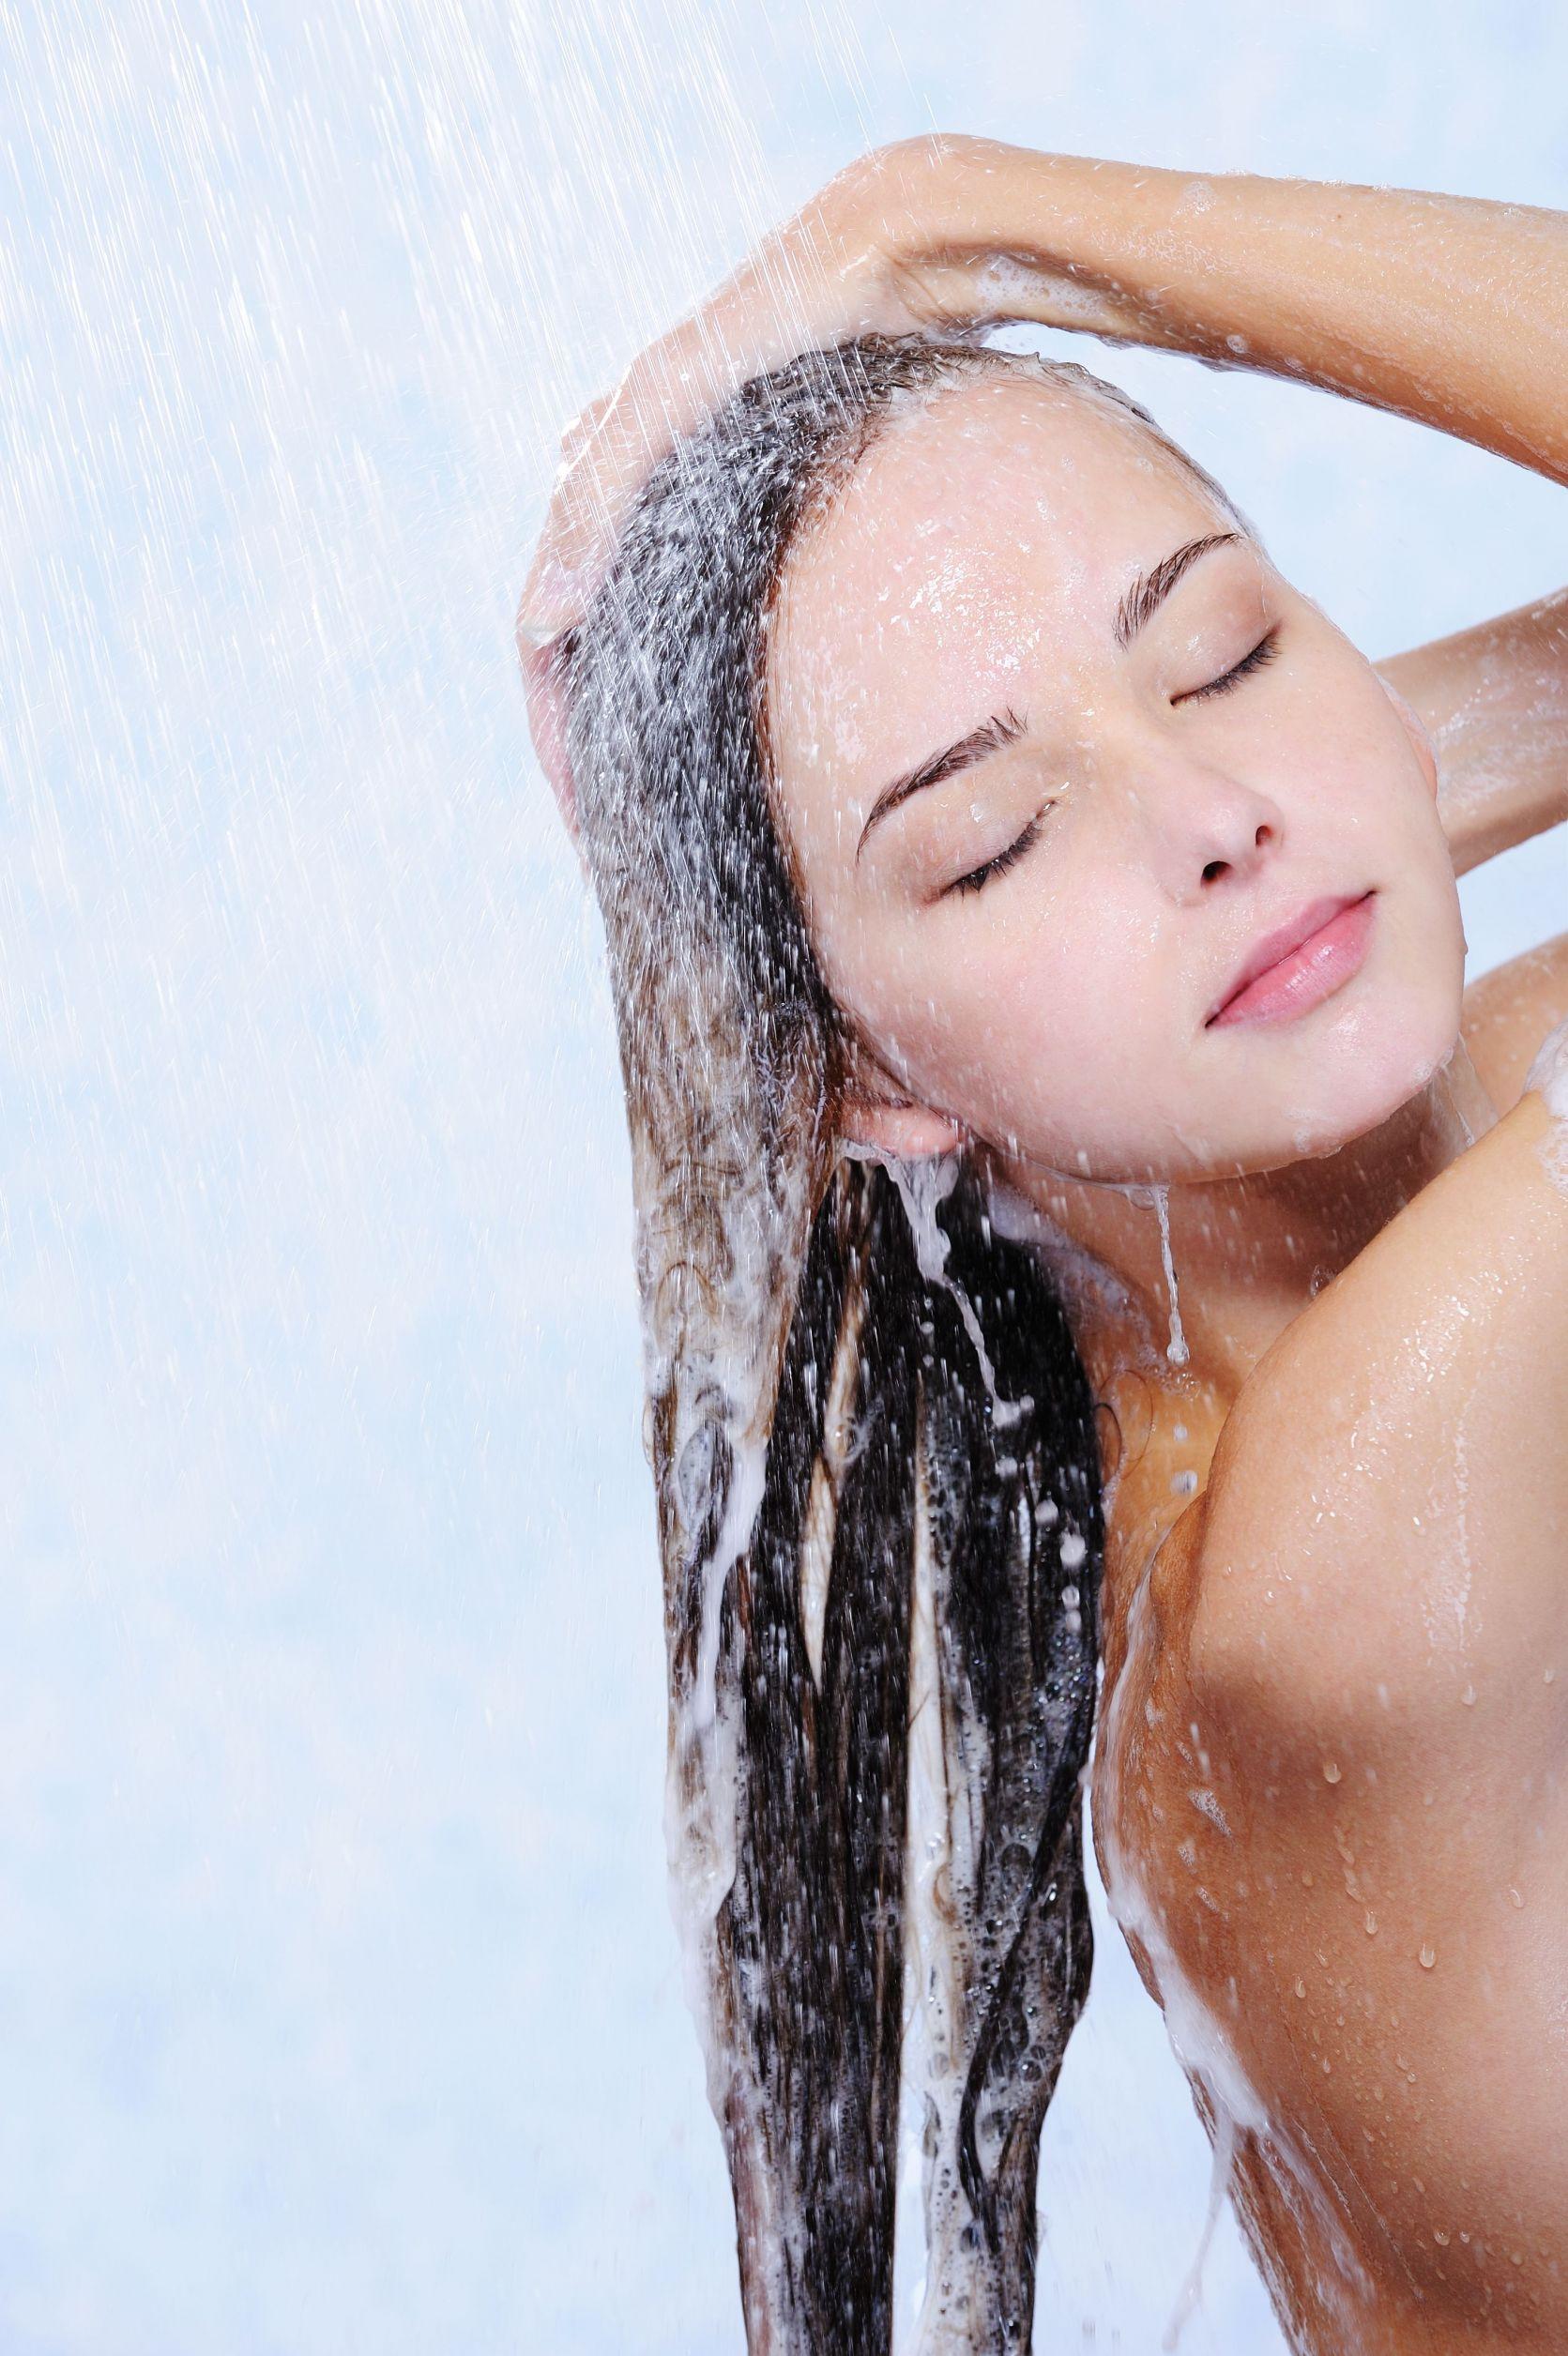 девушка красивая под душем моется нашем сайте